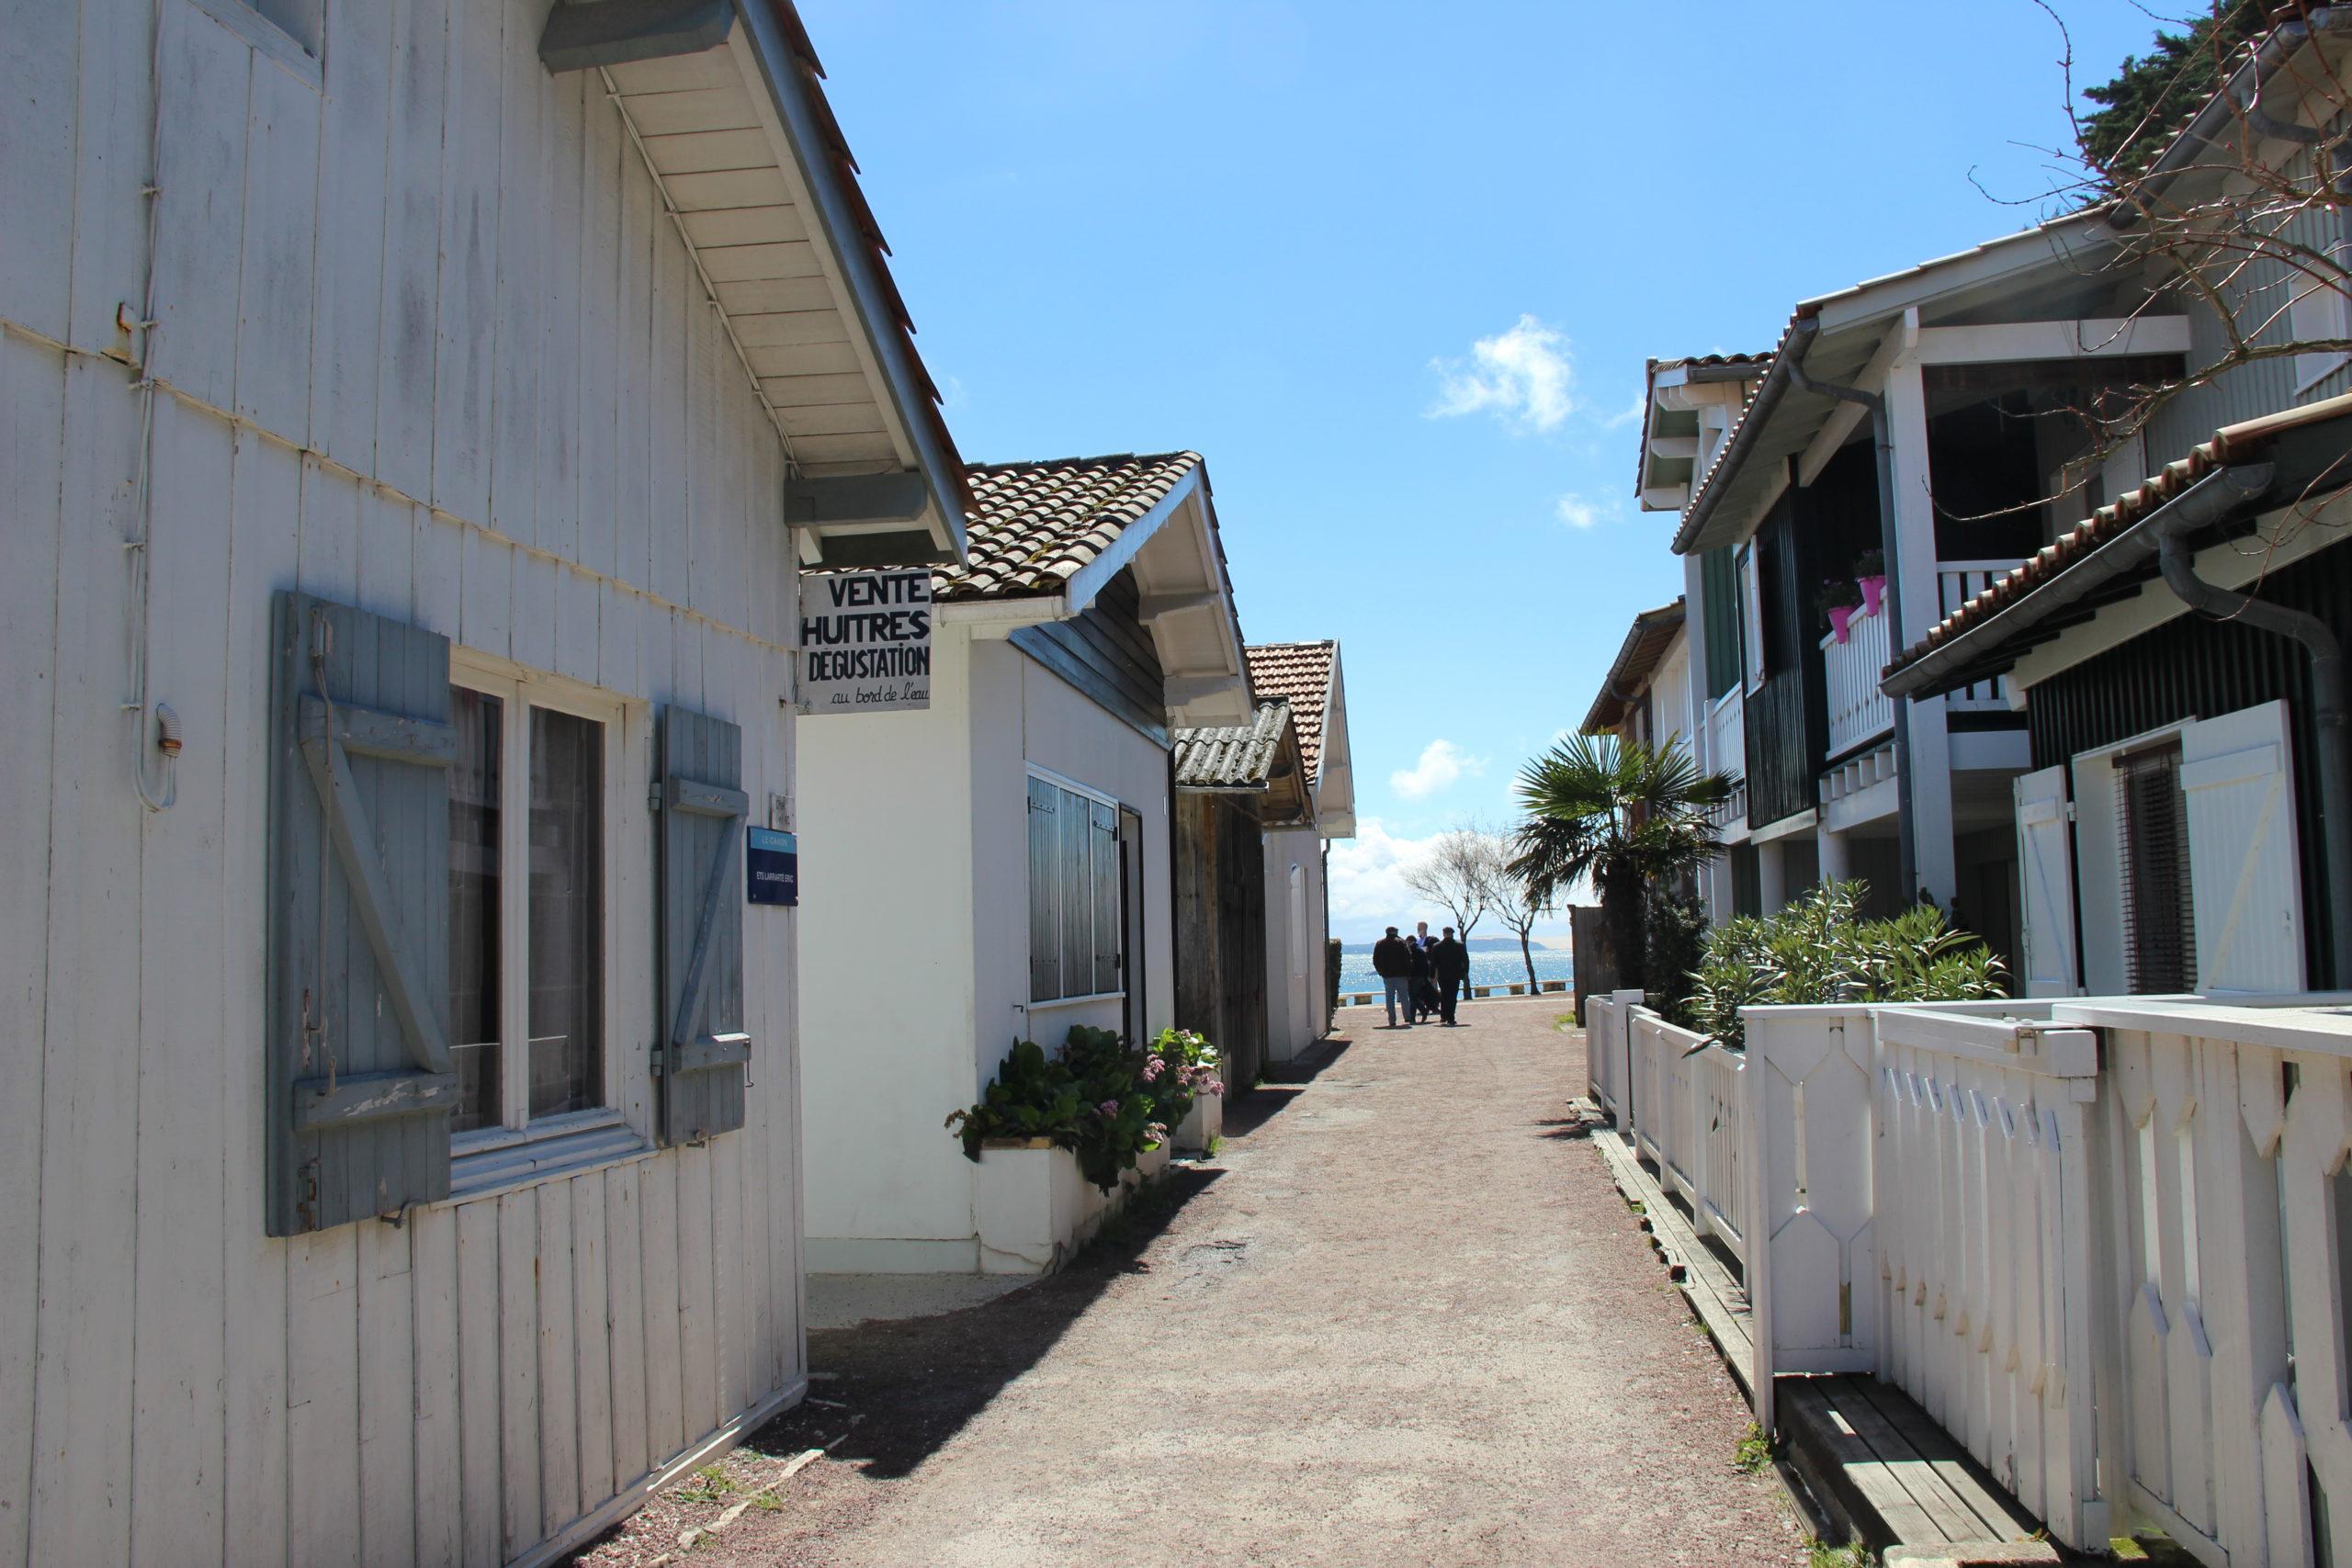 Les villages et le patrimoine ostréicole Lège-Cap-Ferret